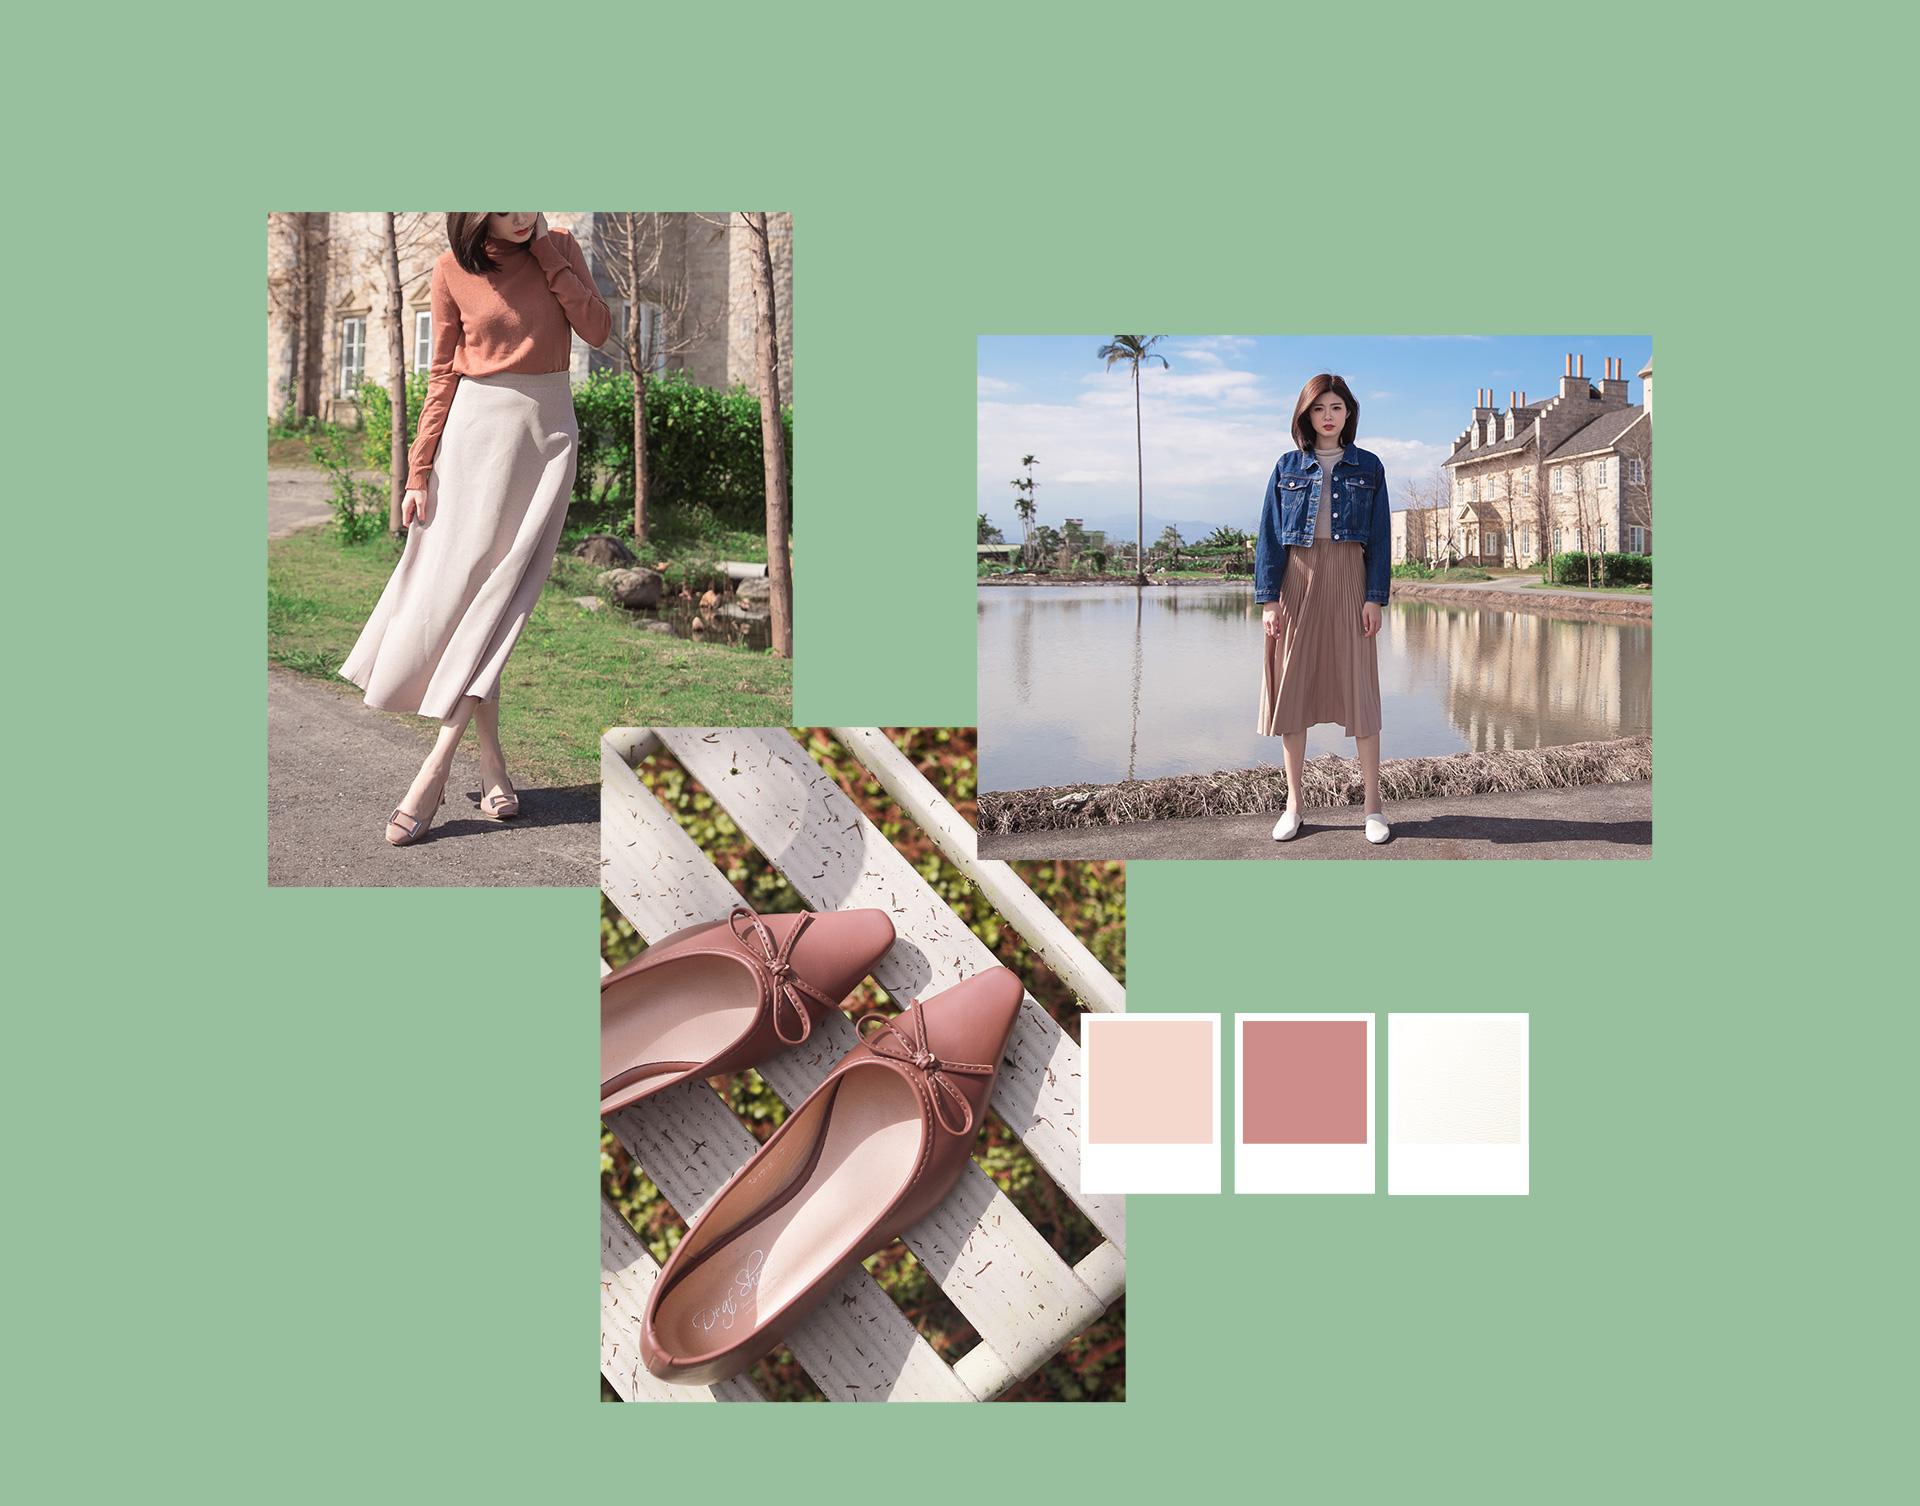 春天流行色穿搭 早春新品人氣熱銷女鞋鞋款 新款春鞋